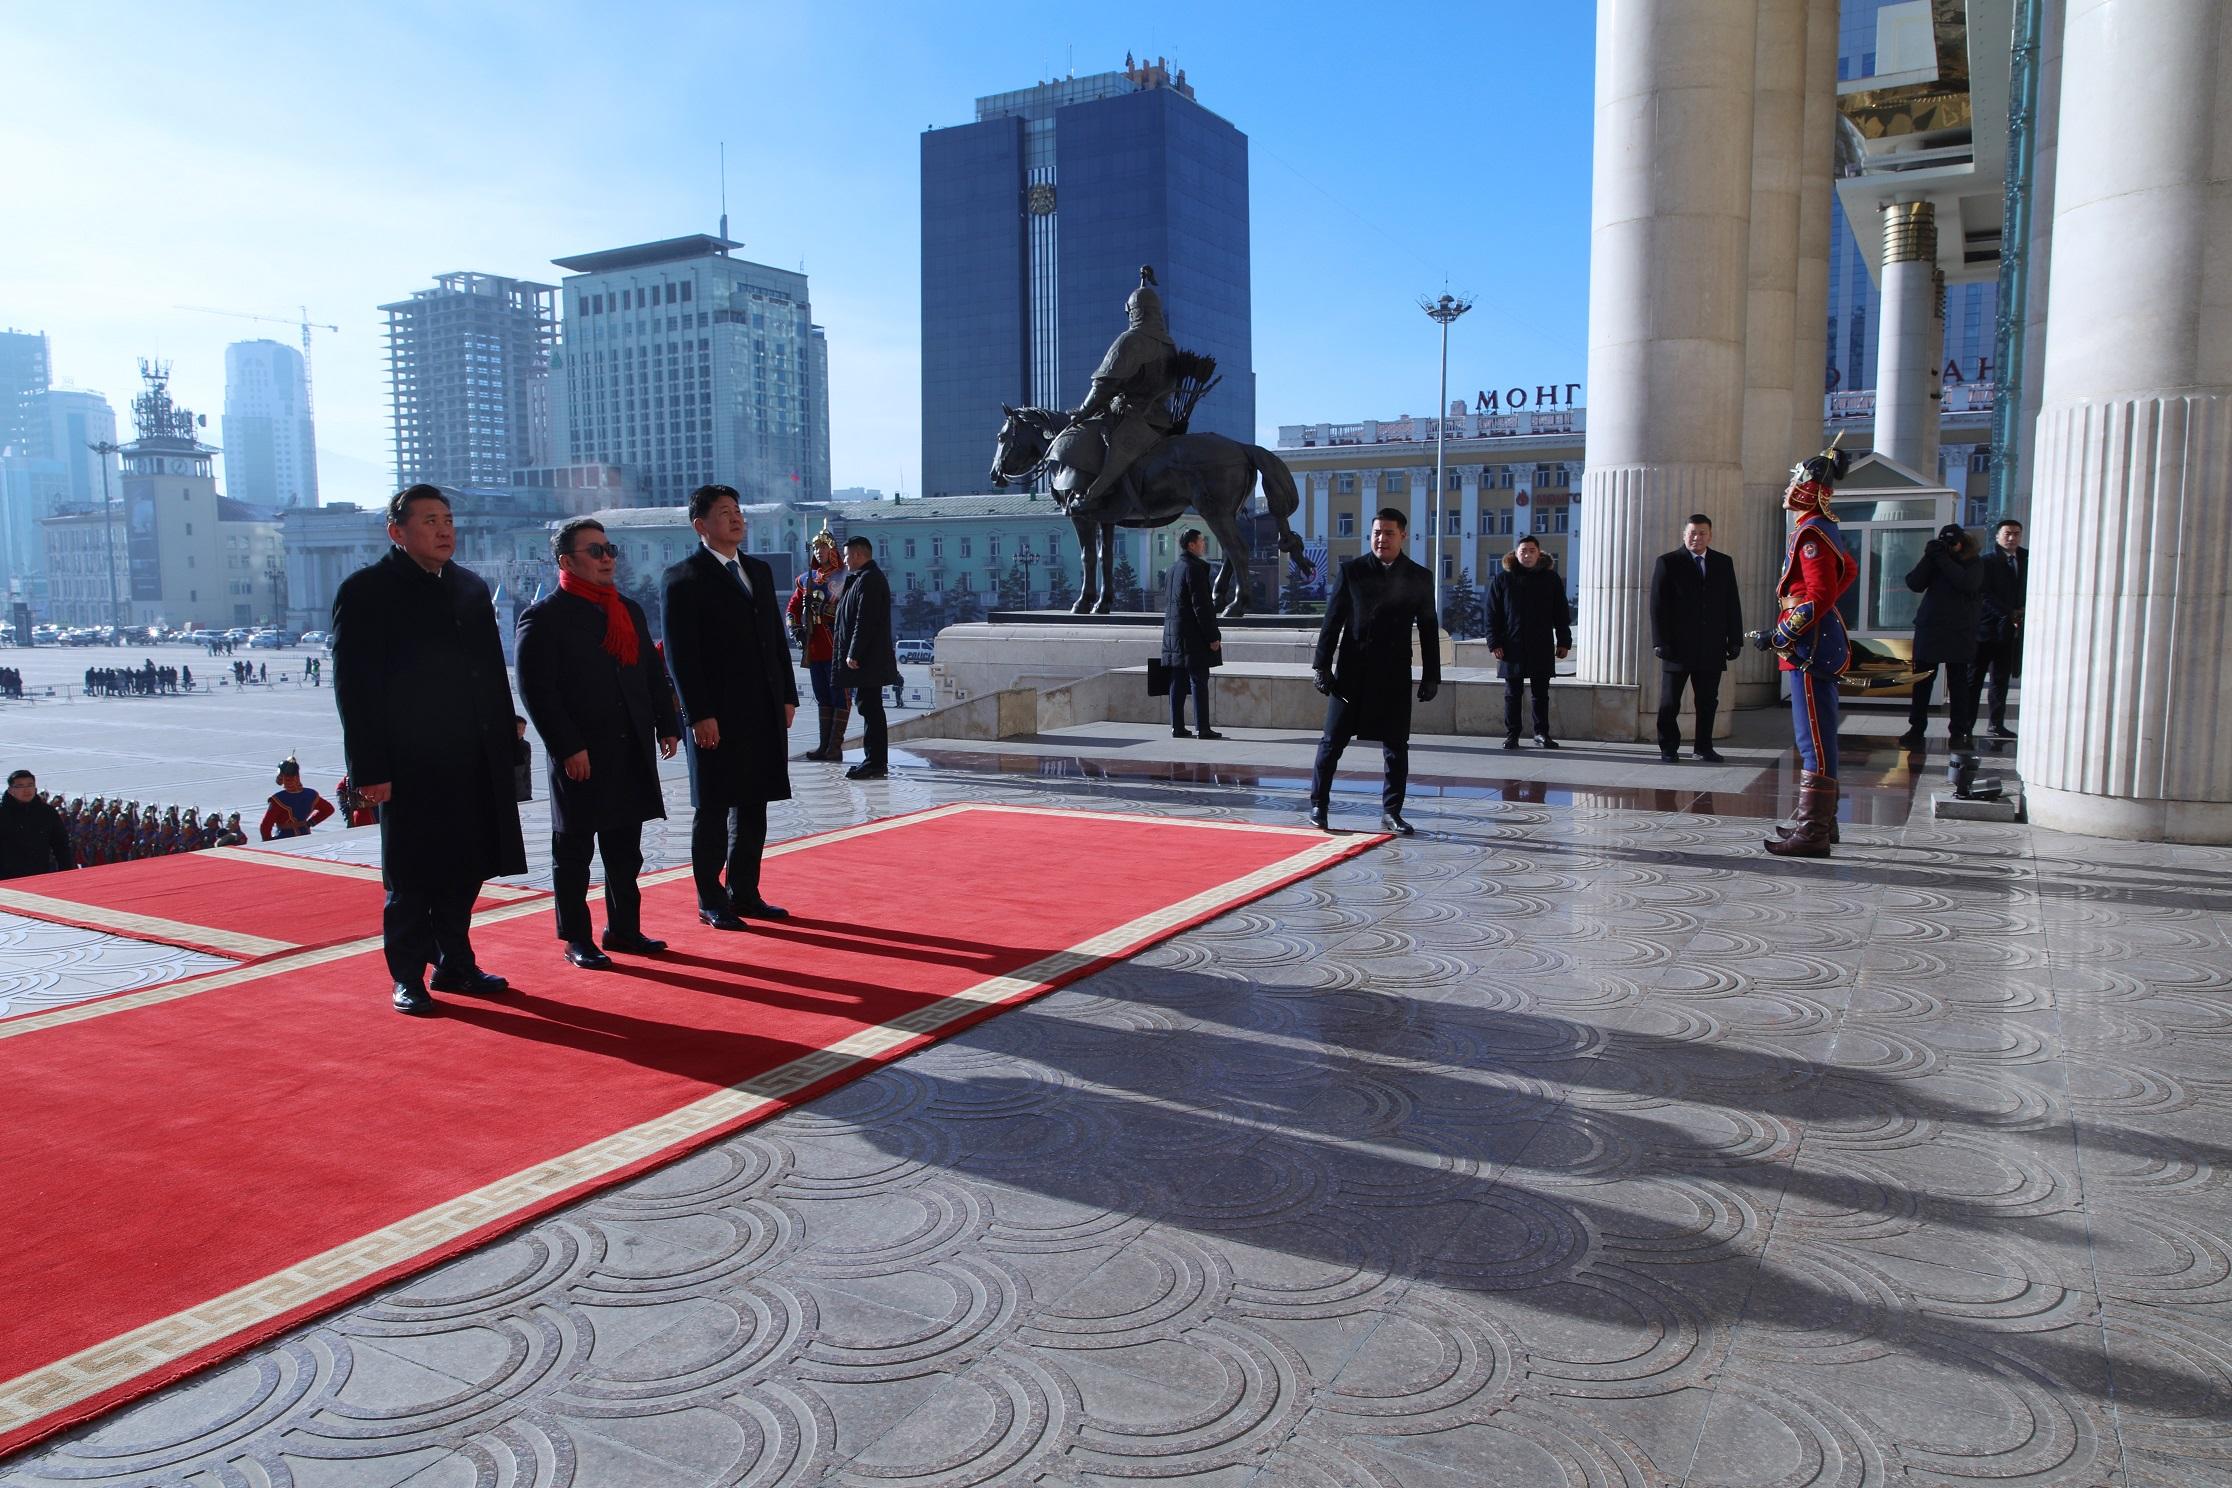 Төрийн өндөрлөгүүд Чингис хааны хөшөөнд хүндэтгэл үзүүллээ